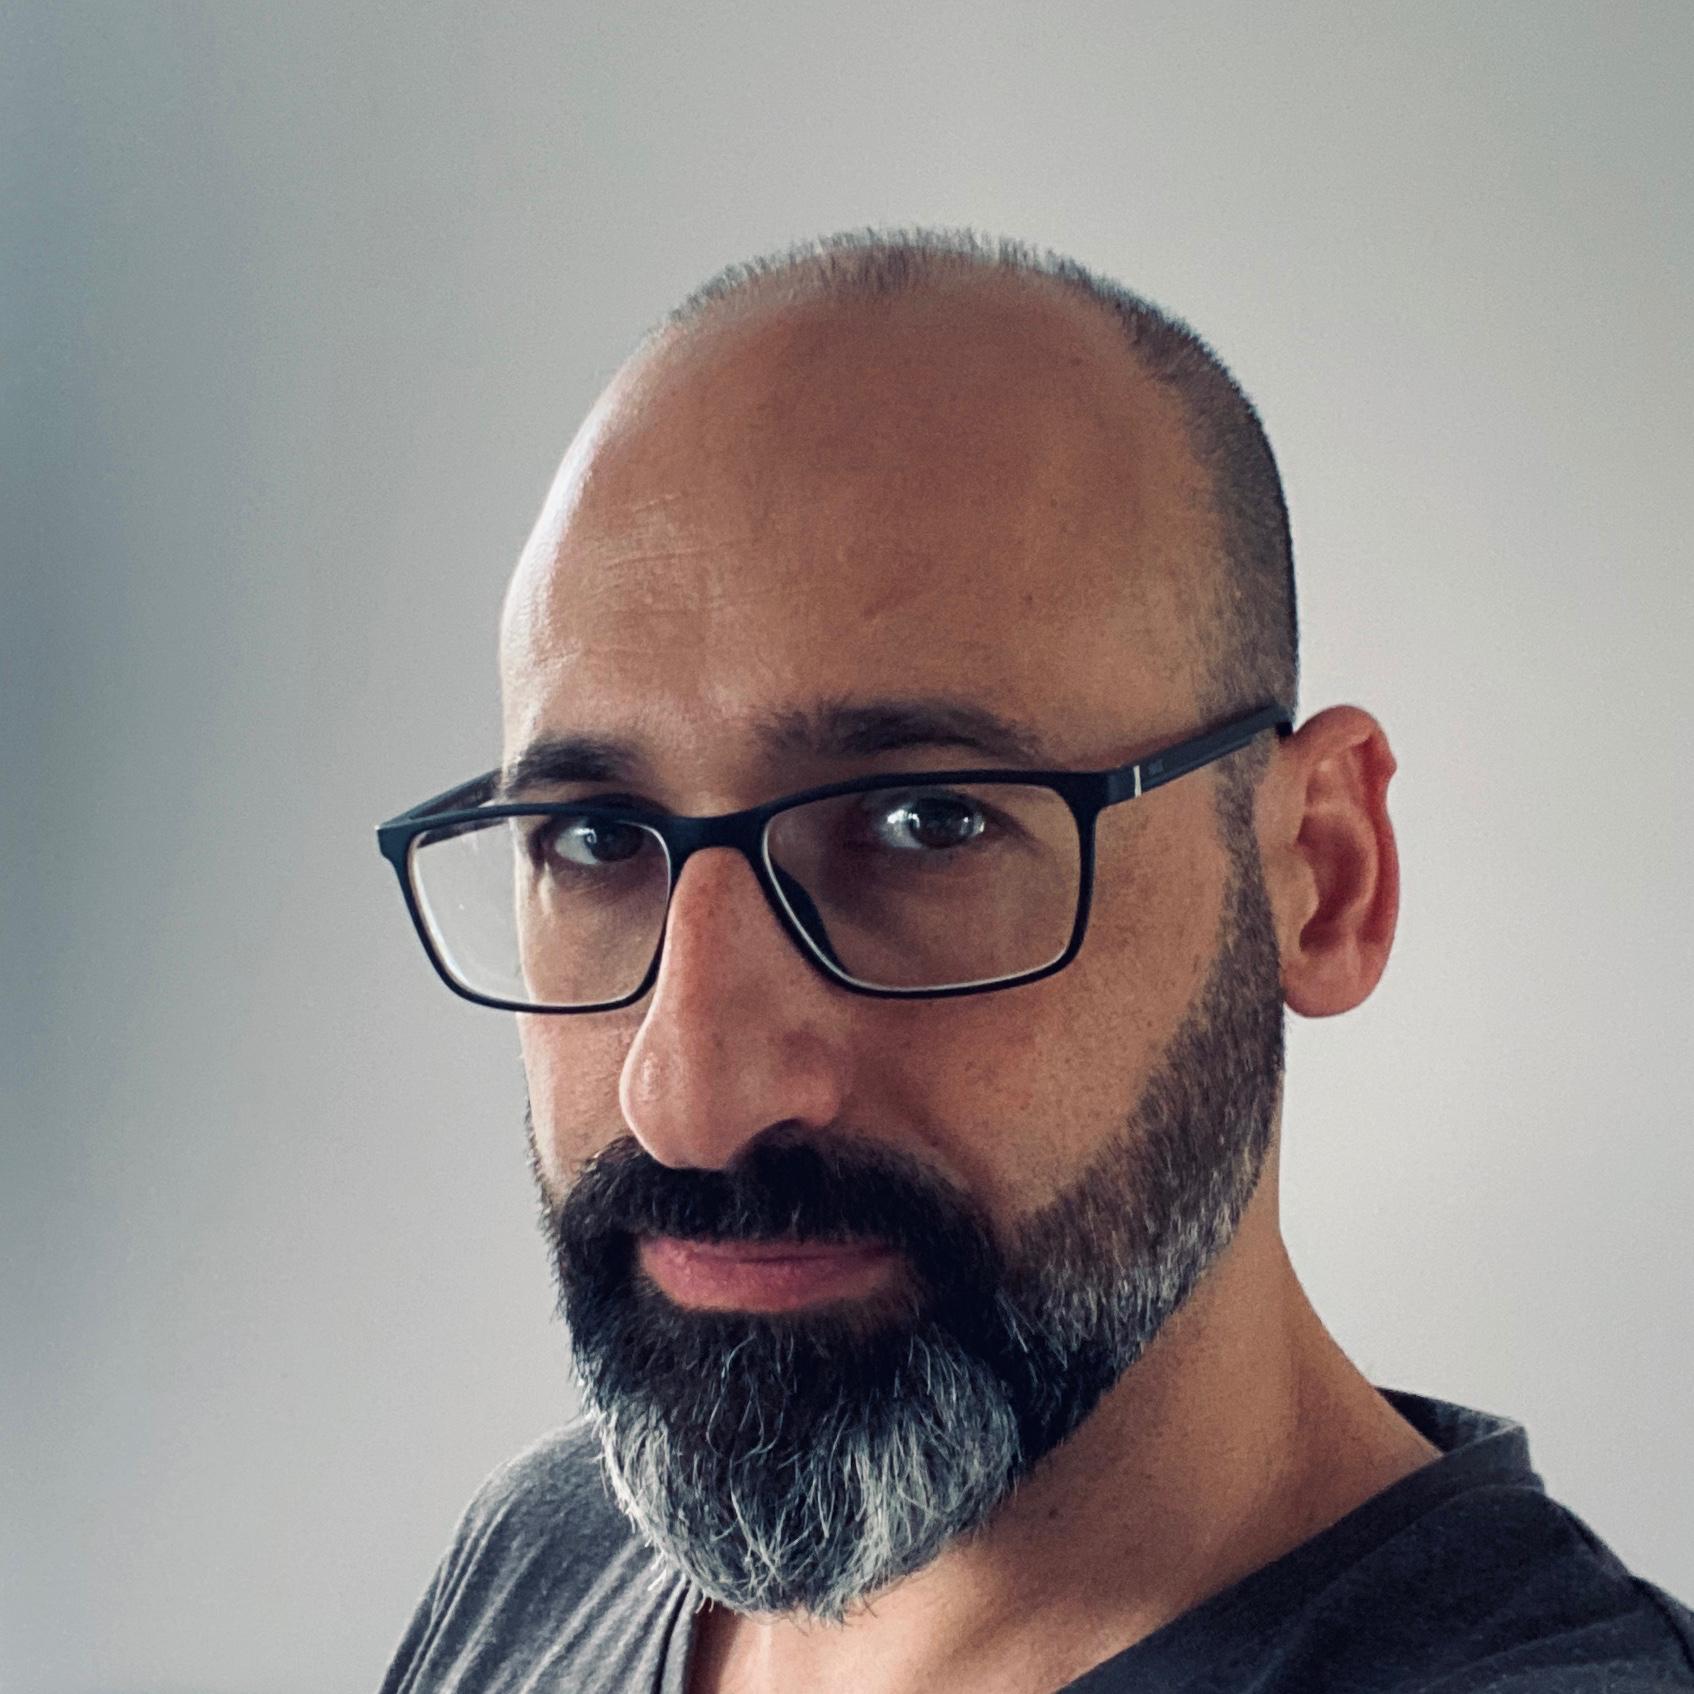 Image of Yanir Ben-Nun